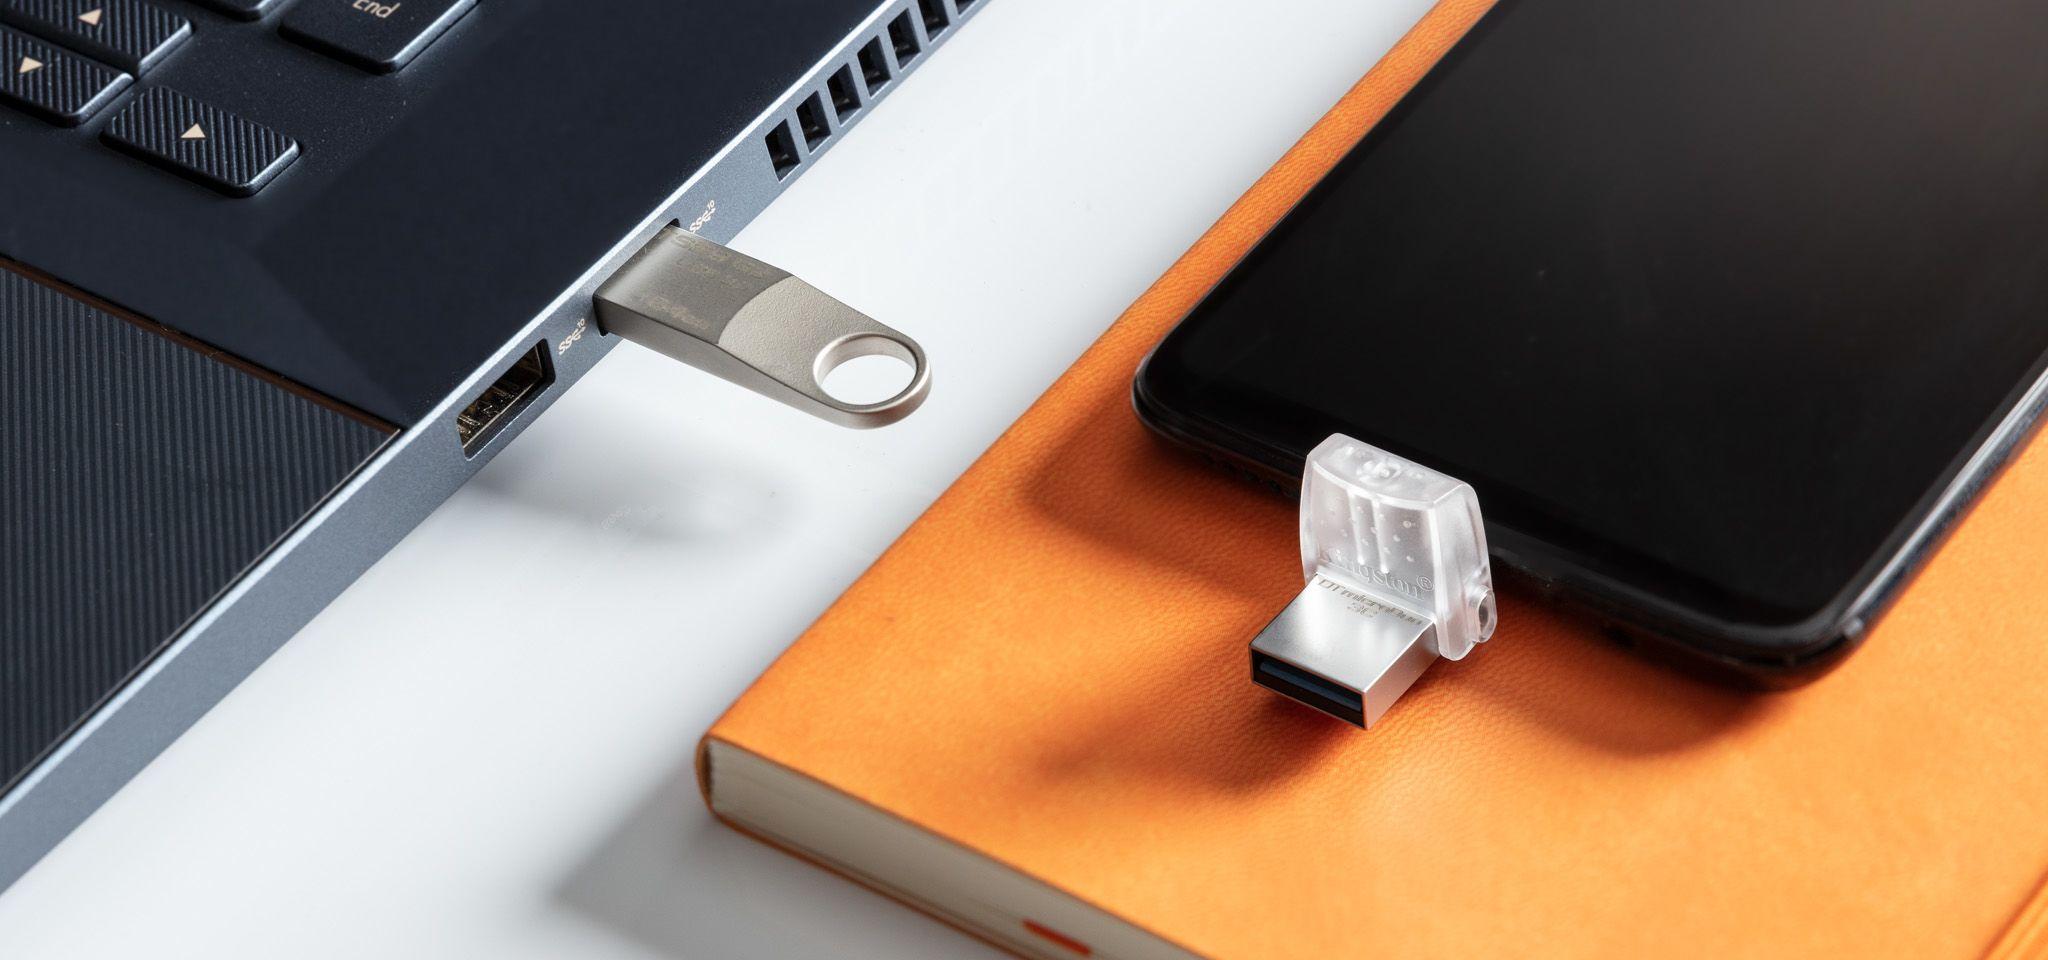 Jaka jest różnica między USB 3.1 Gen 1, Gen 2 i USB 3.2?